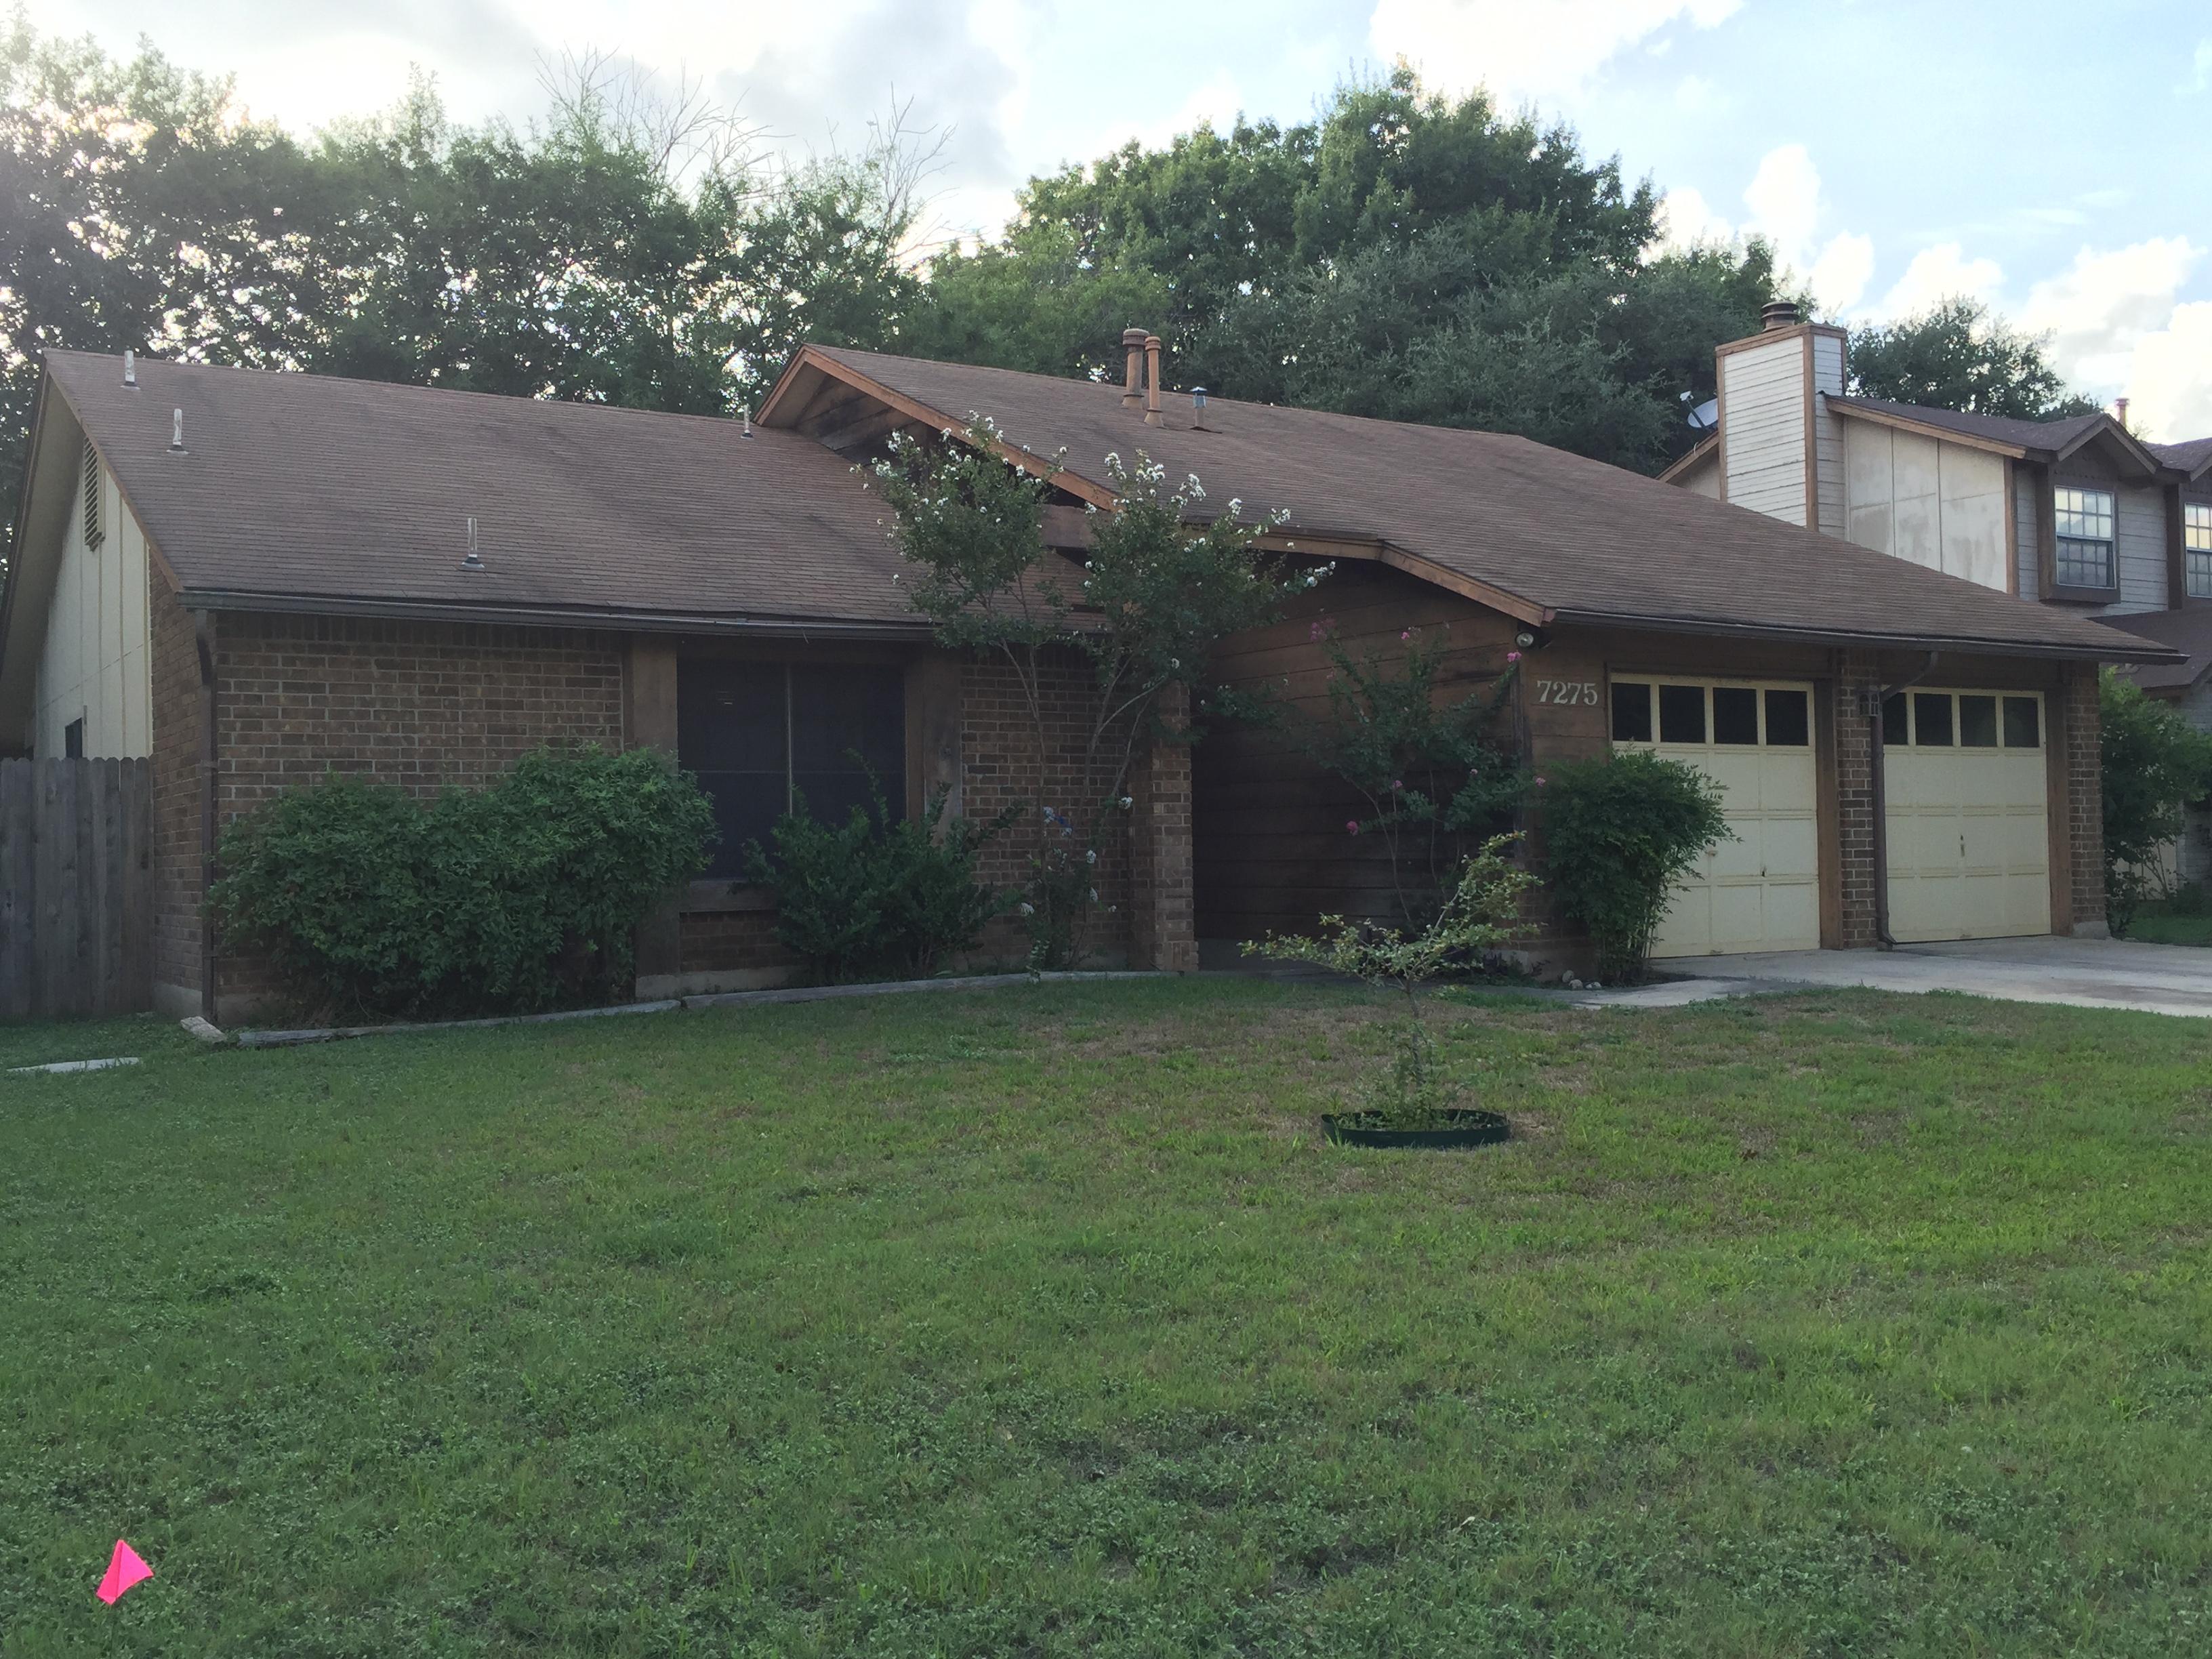 7275 Shadow Ridge, San Antonio, TX 78250